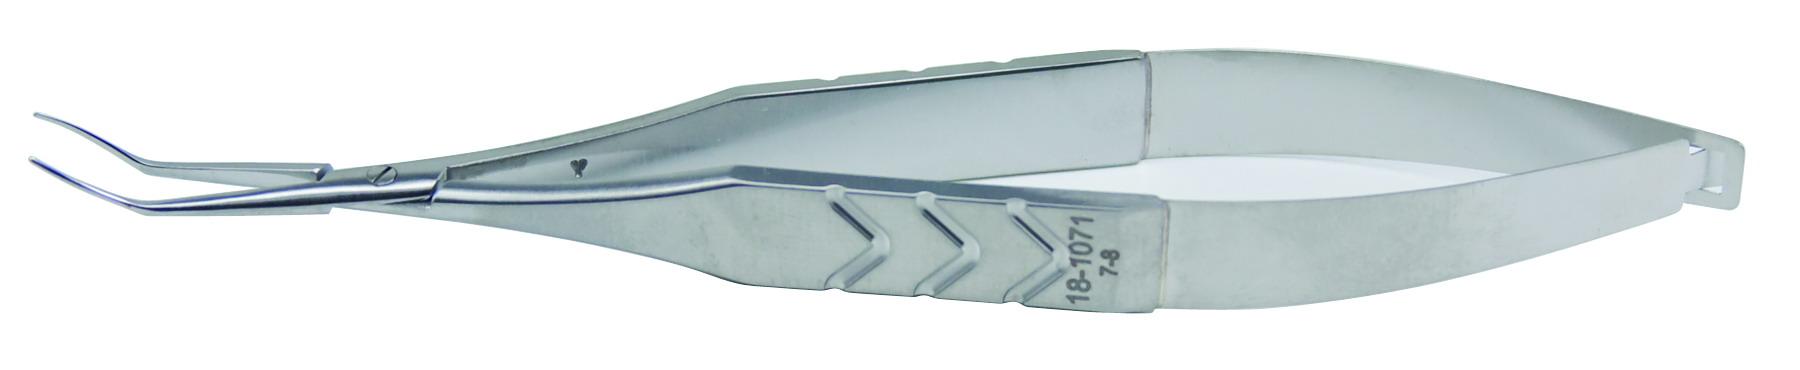 buratto-ii-acrylic-iol-implantation-forceps-5-127-cm-anled-18-1071-miltex.jpg